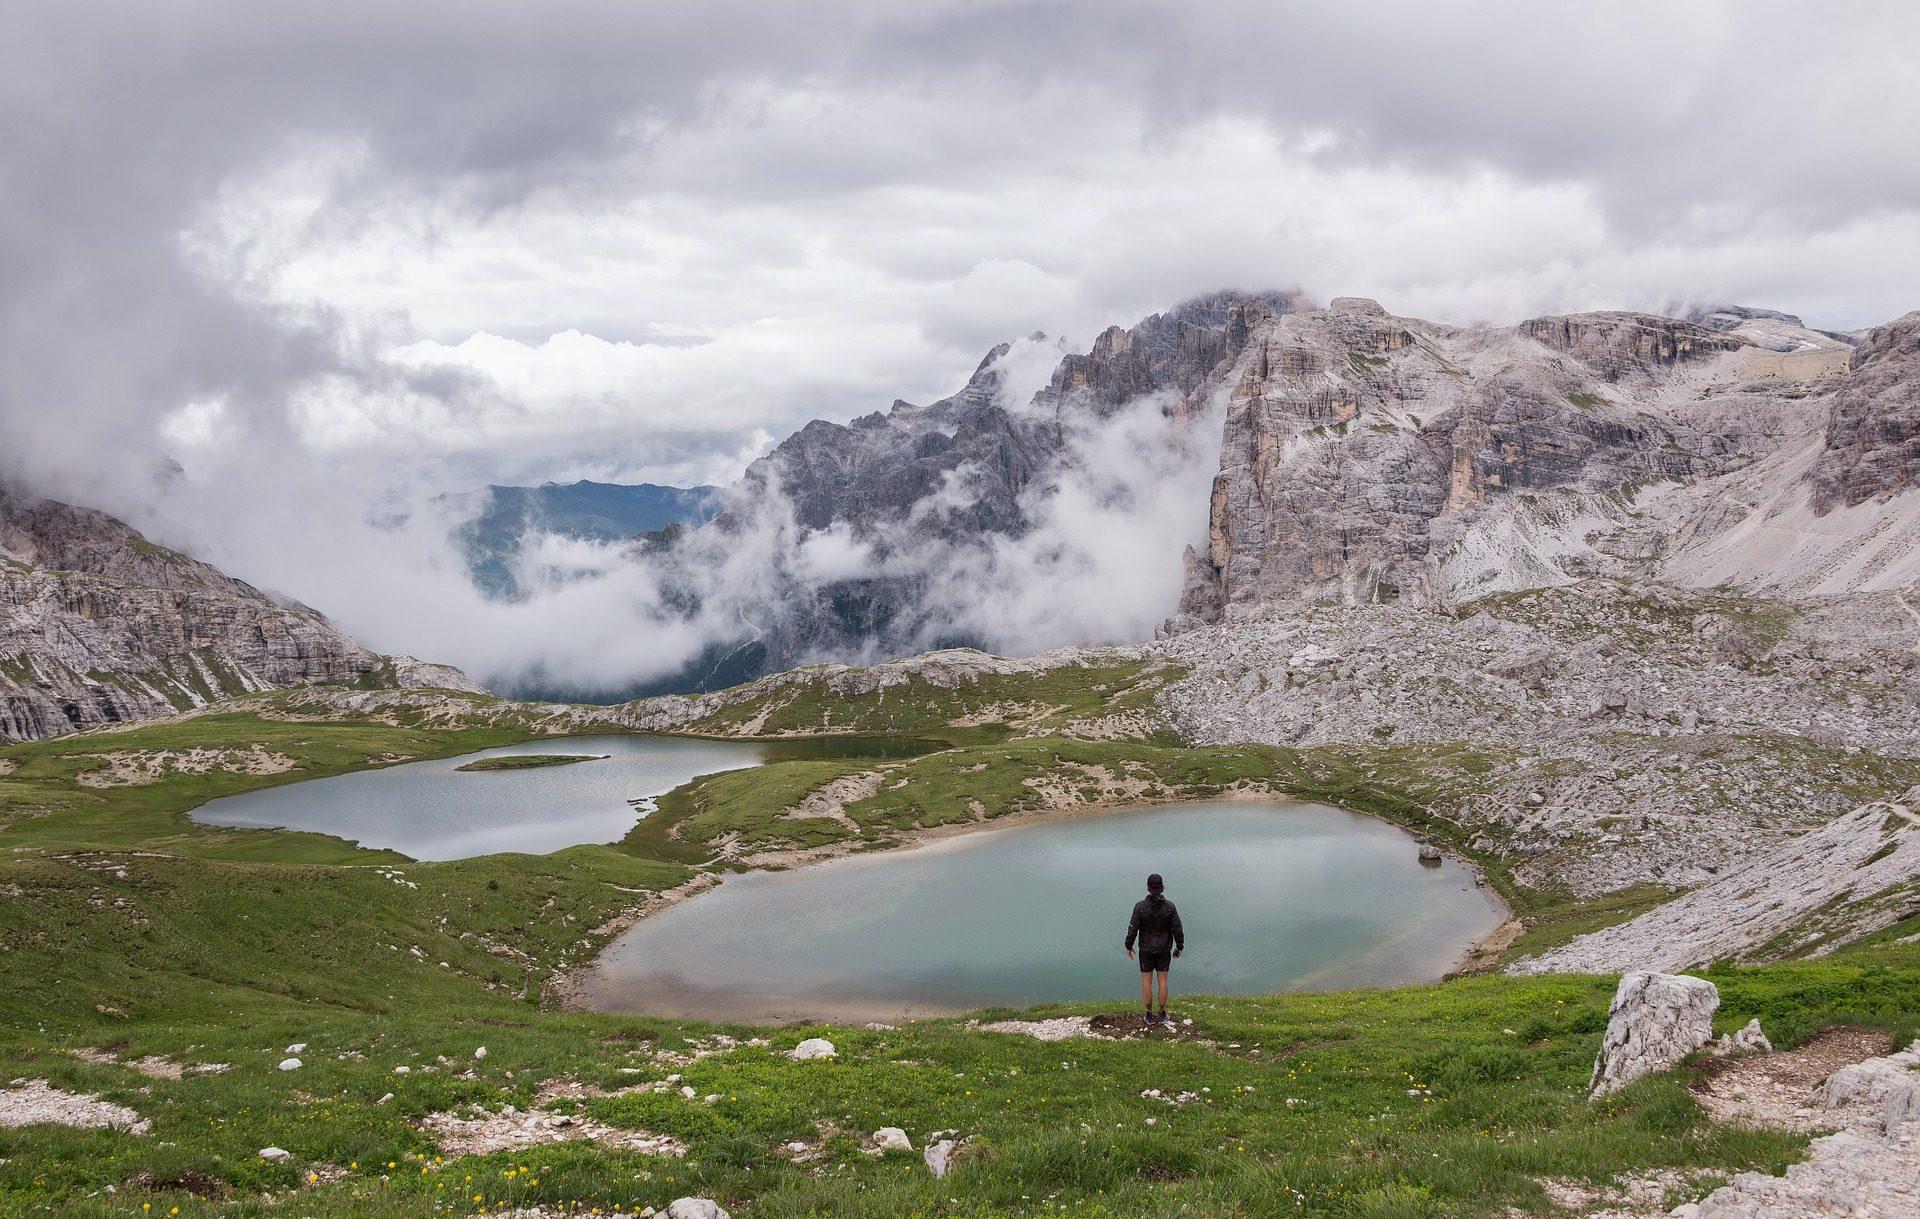 झीलों, Montañas, बादल, ऊंचाई, आदमी, सहयात्री - HD वॉलपेपर - प्रोफेसर-falken.com